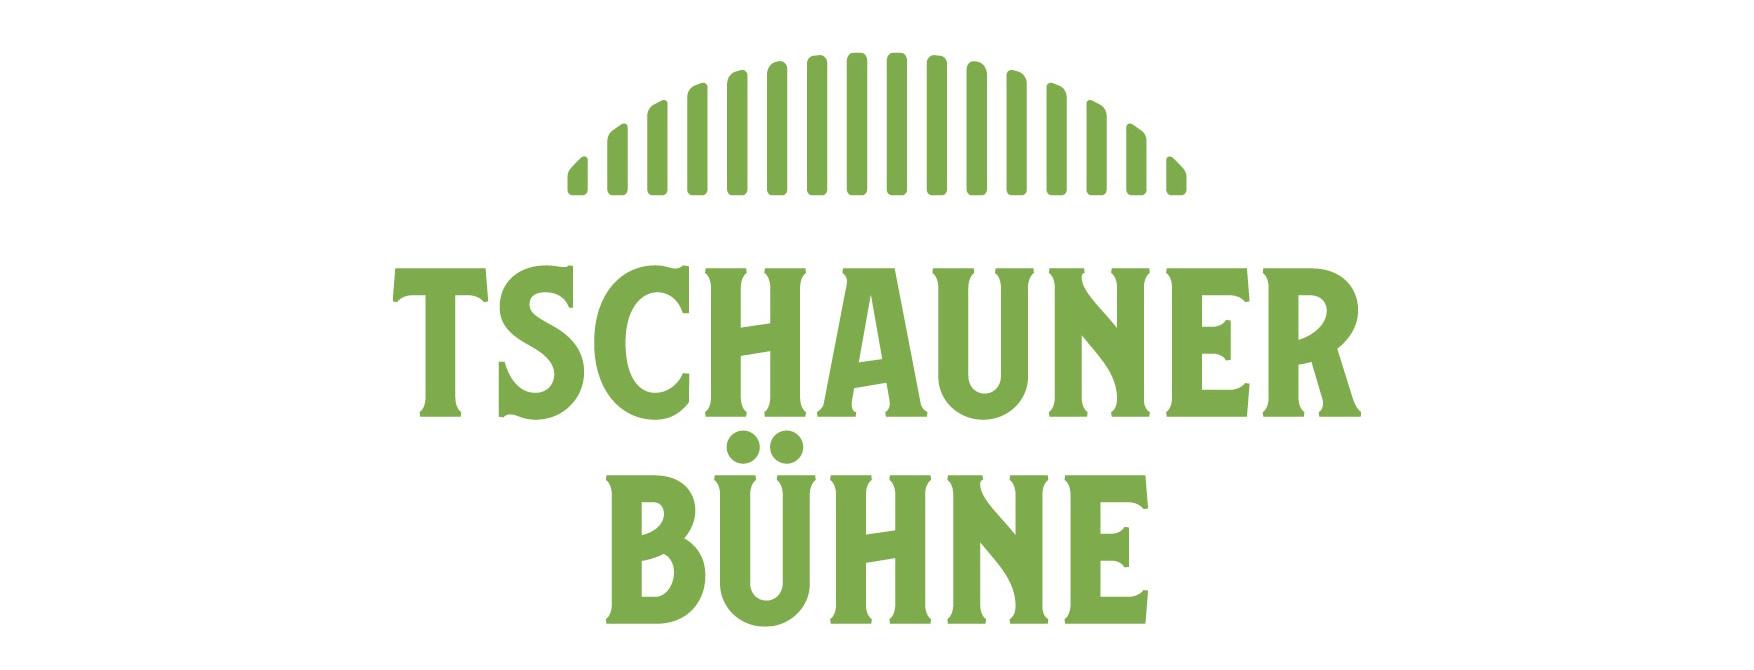 Projektdatei_Tschauner-Buehne_LOGO